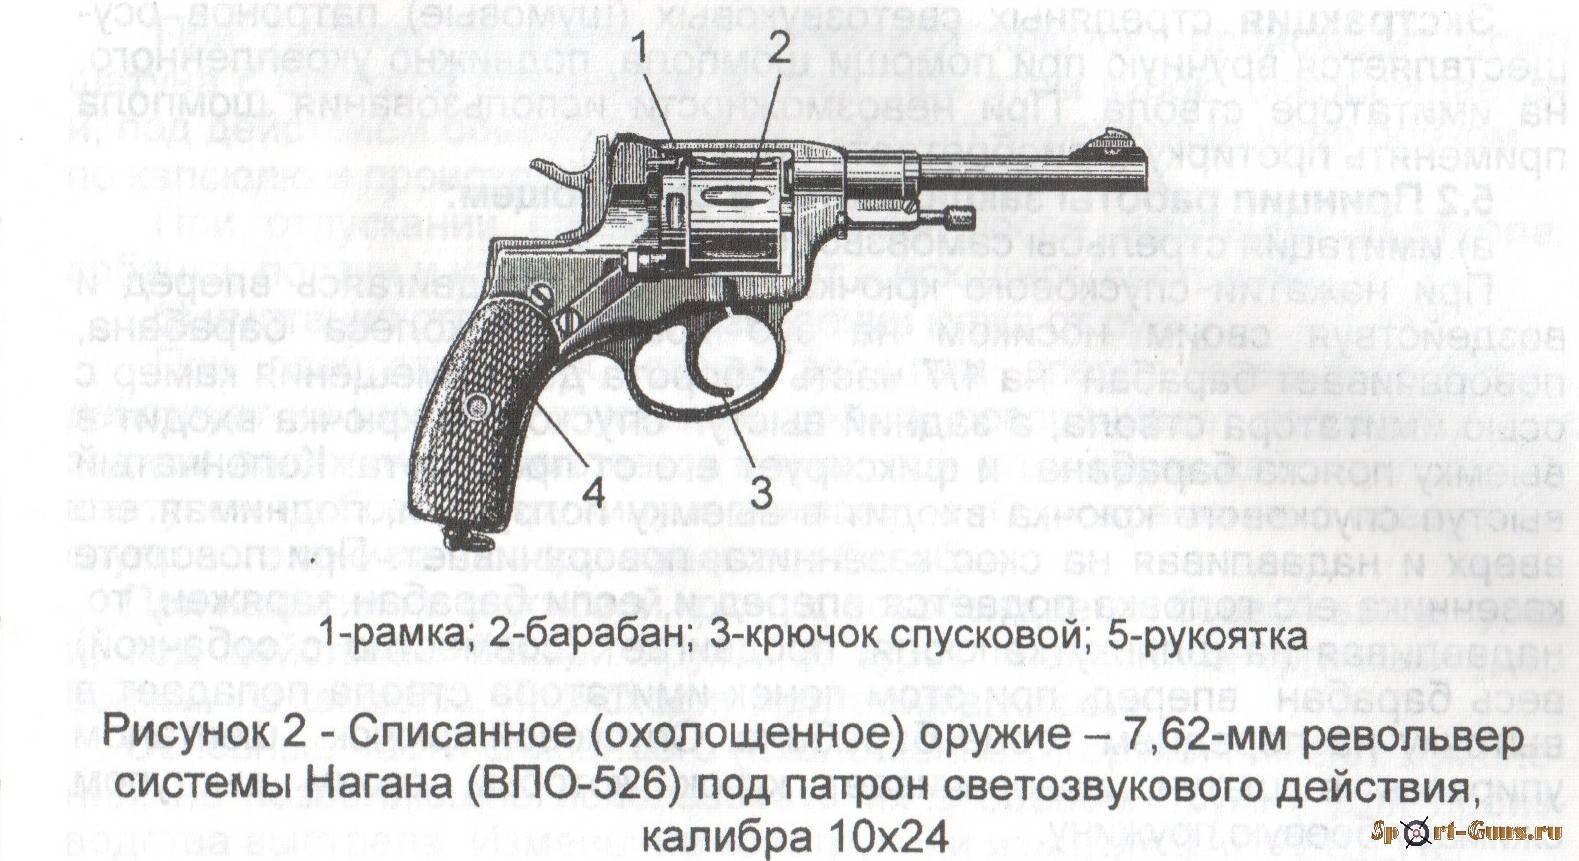 Легендарное оружие, которое никому ненравилось. история револьвера нагана | 42.tut.by